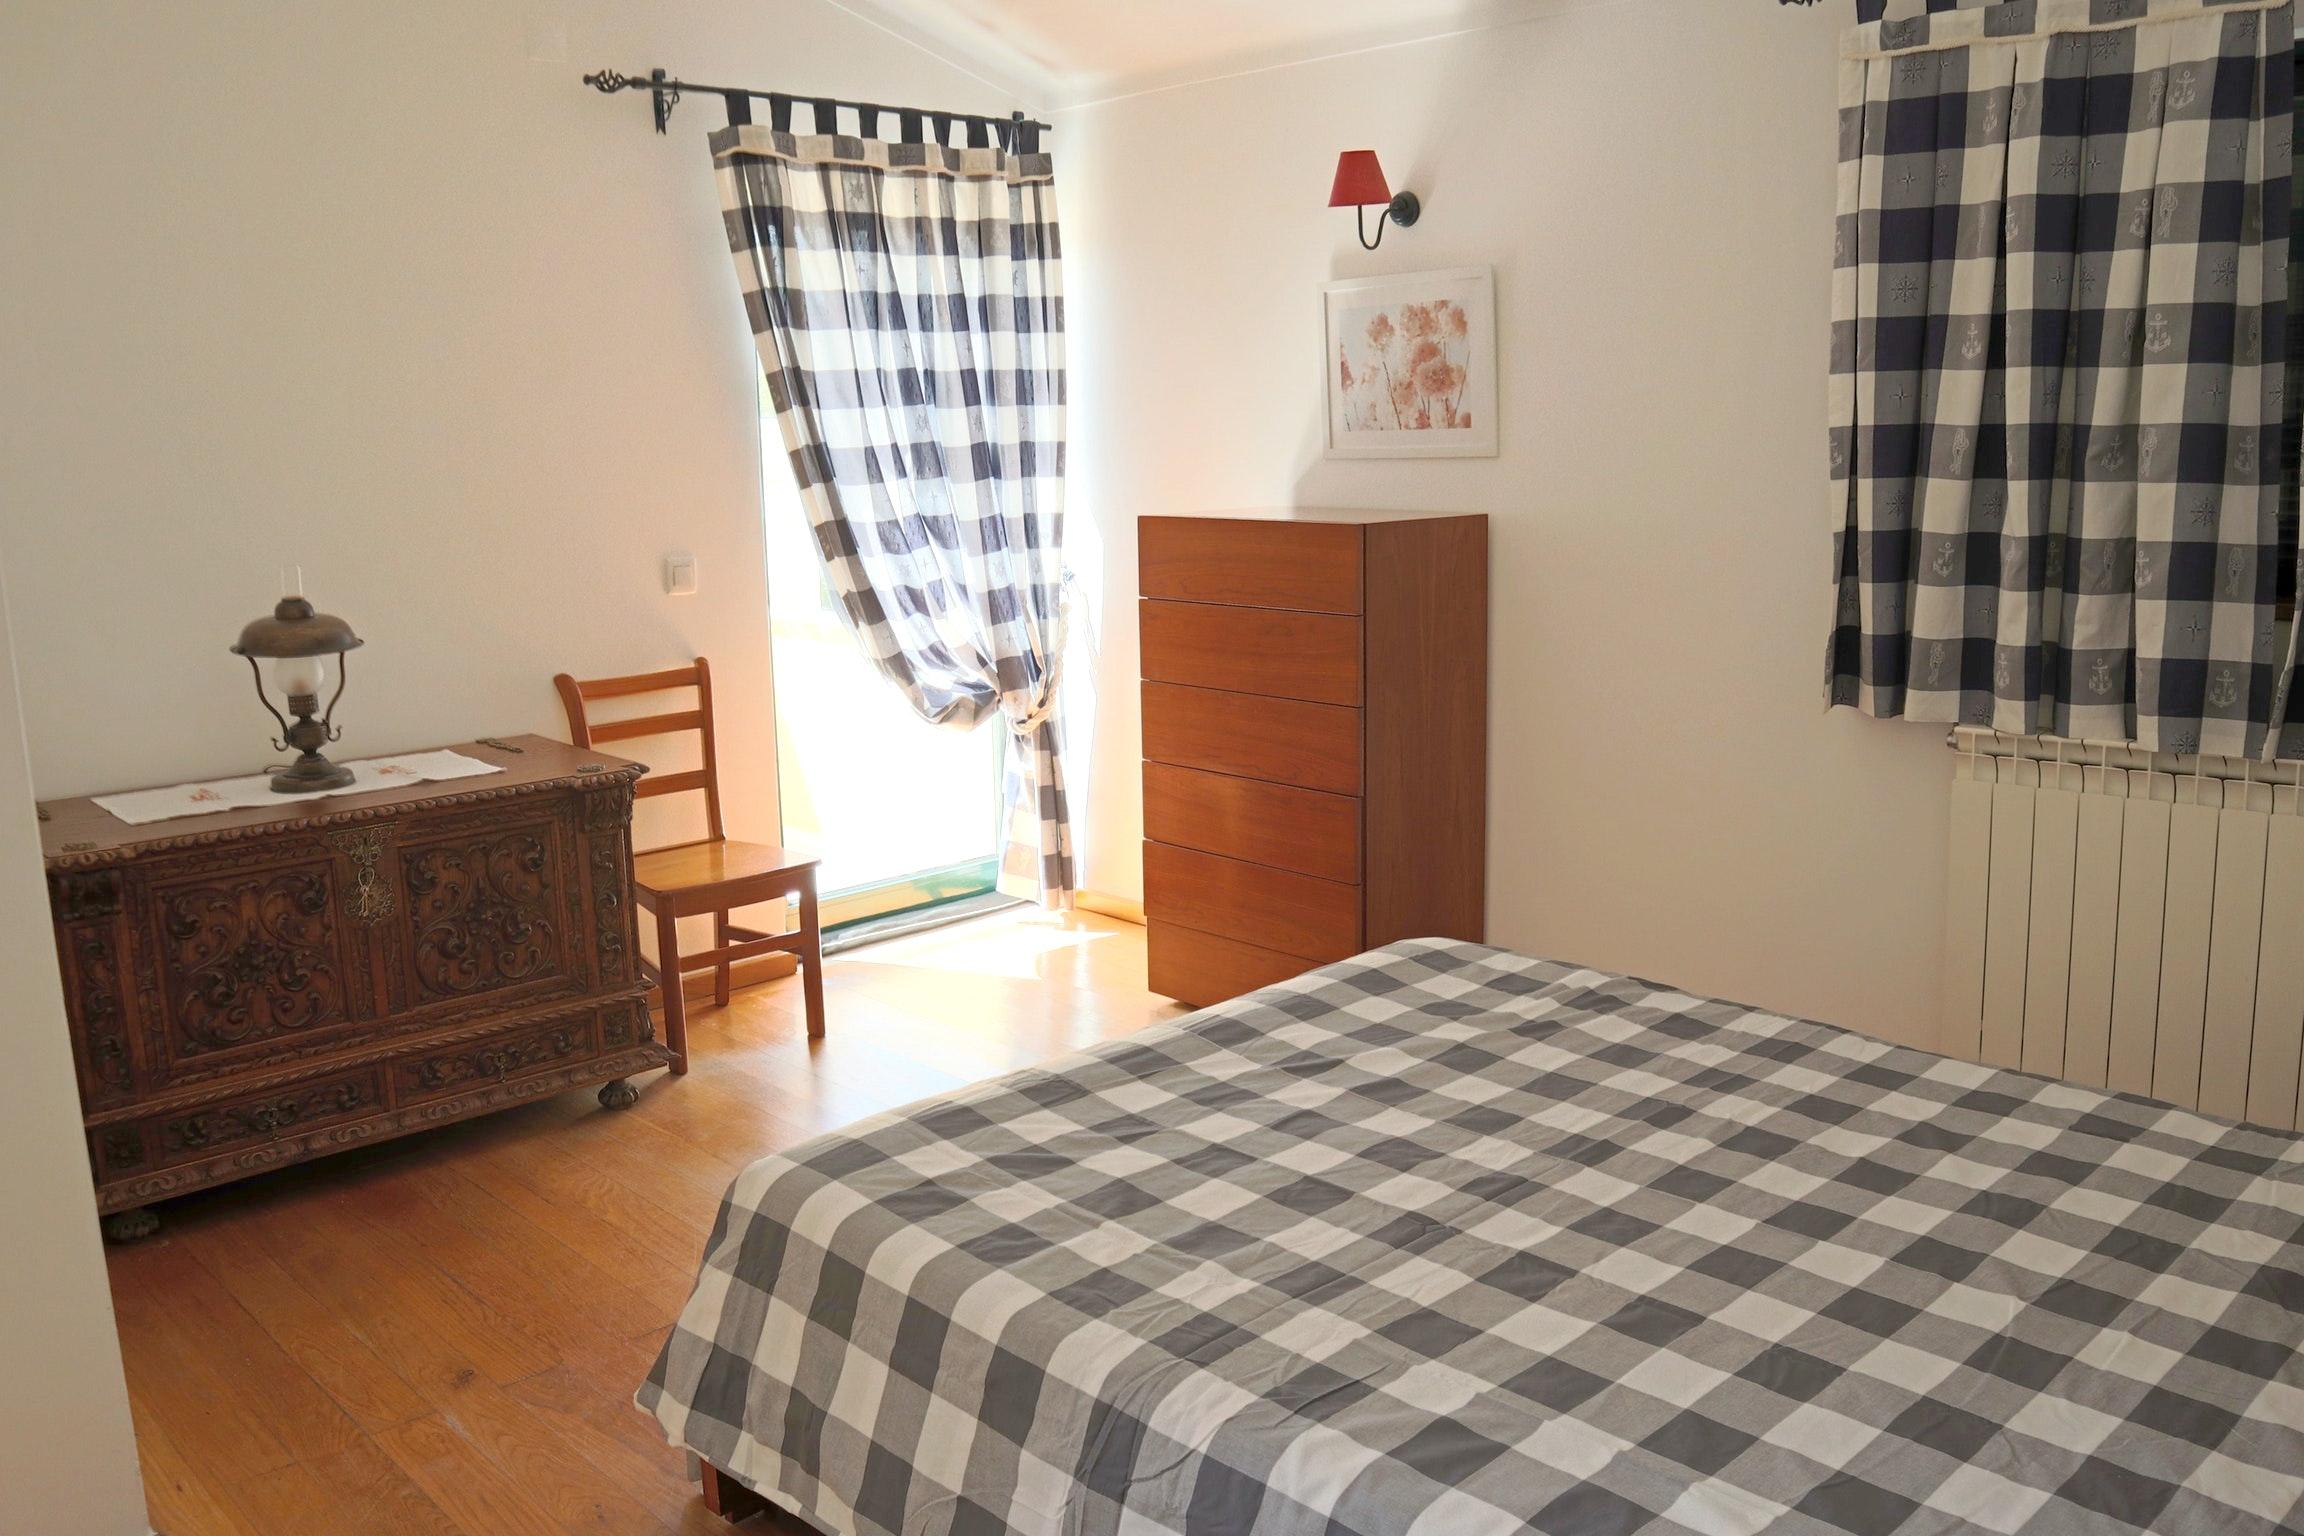 Ferienhaus Villa mit 4 Schlafzimmern in Praia de Mira mit privatem Pool, eingezäuntem Garten und W-LA (2623071), Praia de Mira, Costa de Prata, Zentral-Portugal, Portugal, Bild 31